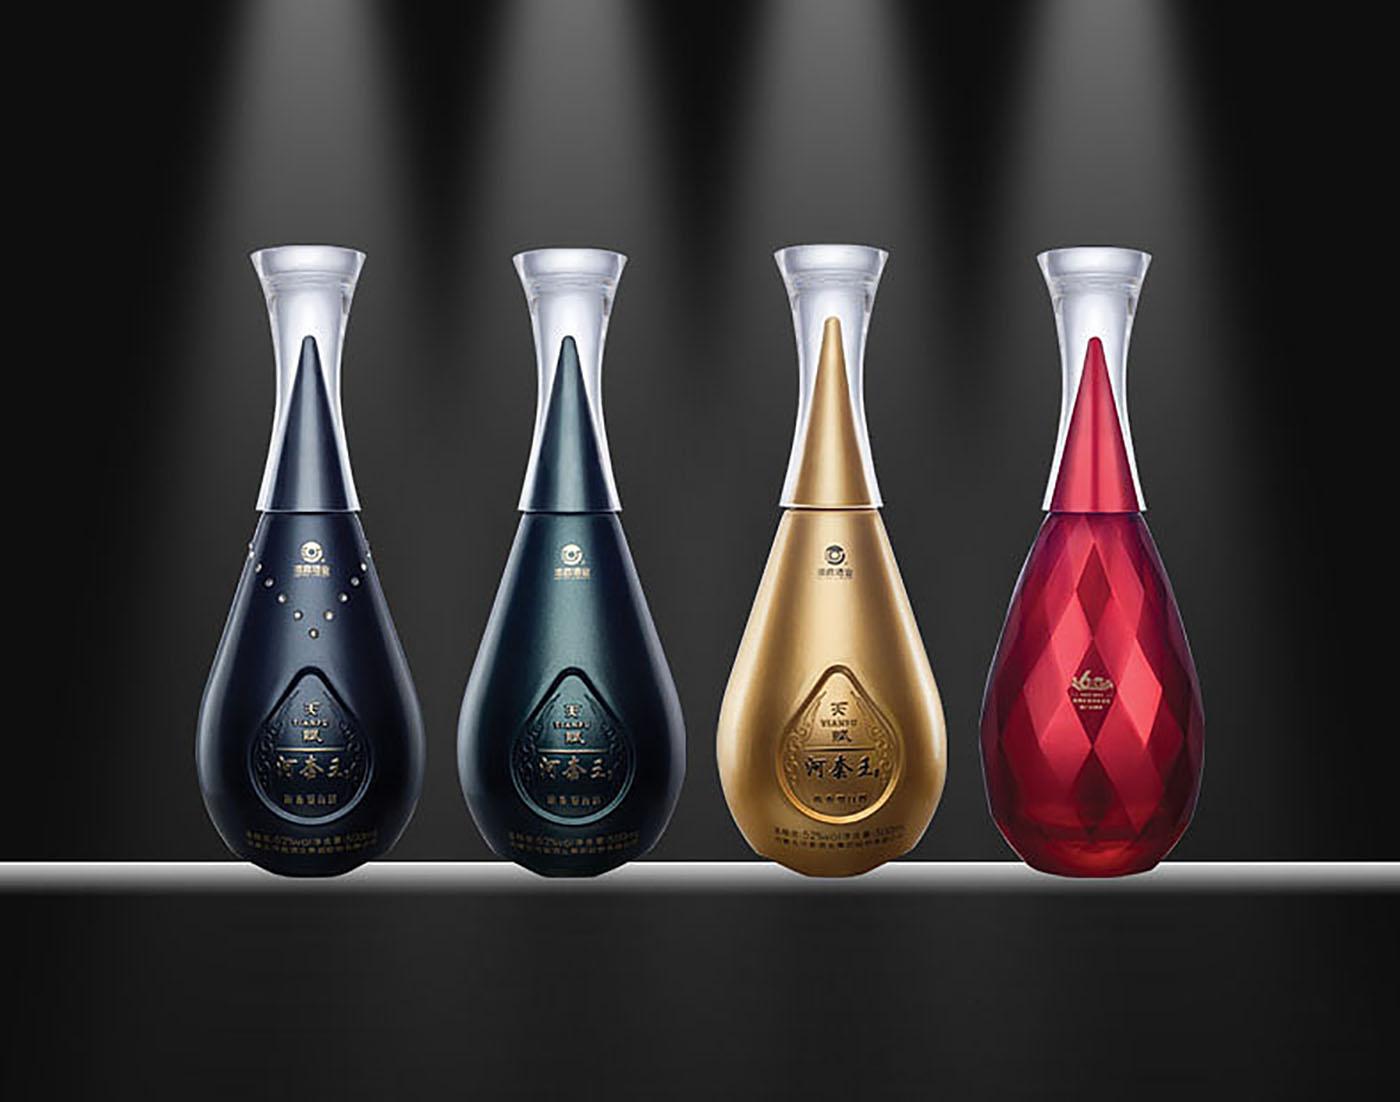 河套王包装设计-酒类包装设计公司